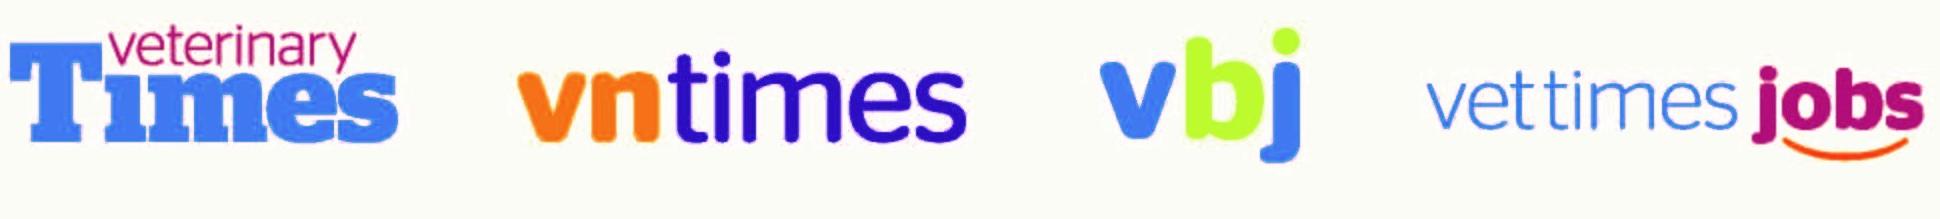 Vet Times/VN Times/VBJ/vettimes jobs